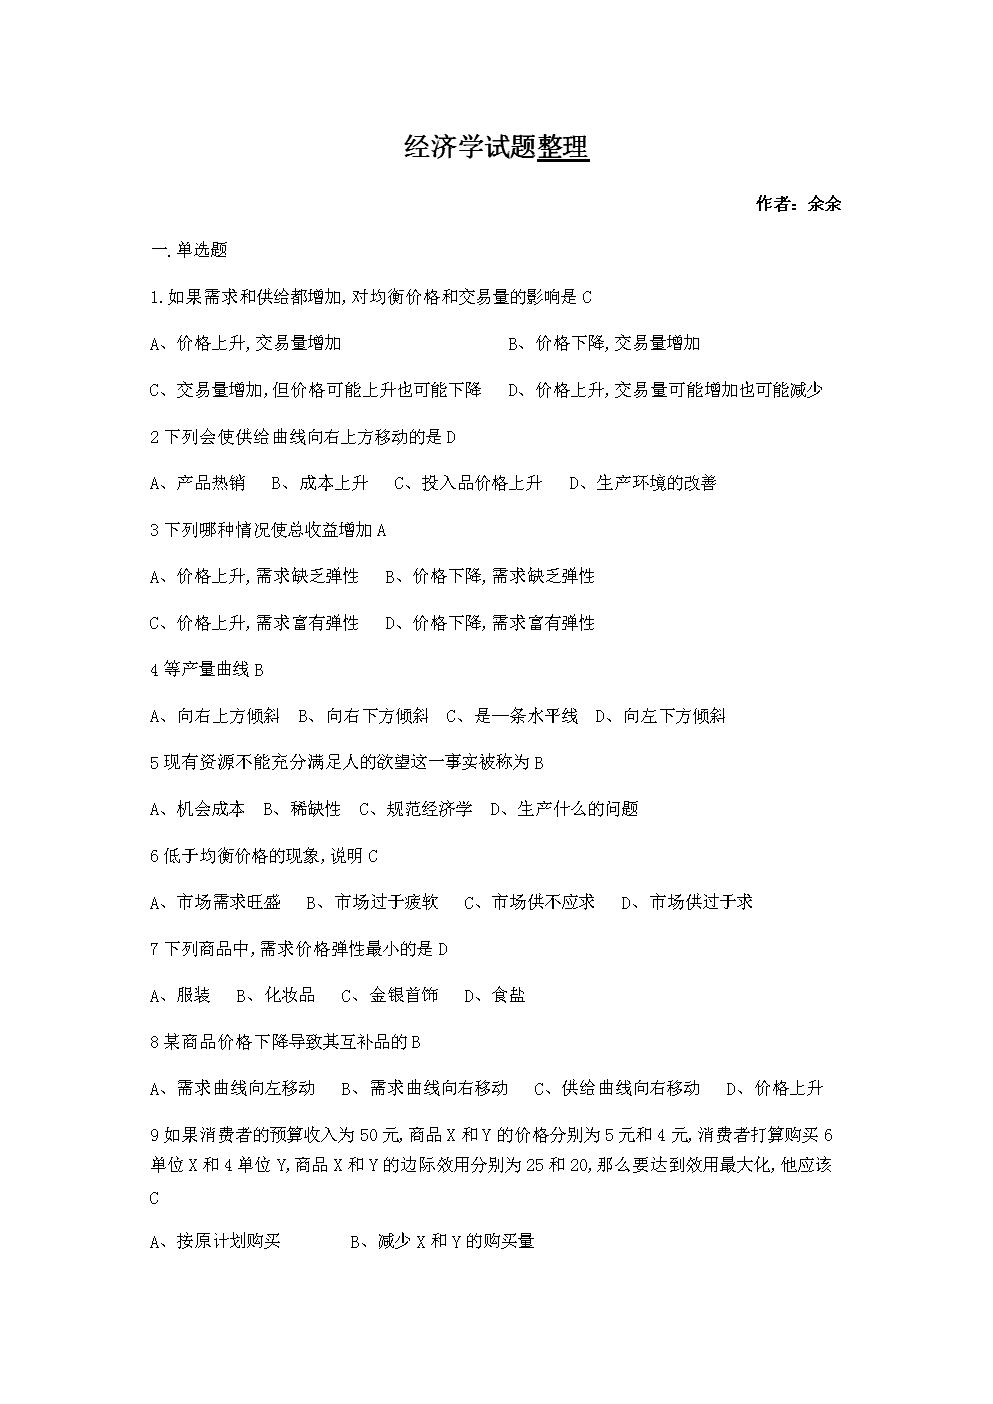 西方經濟學試題測驗.docx